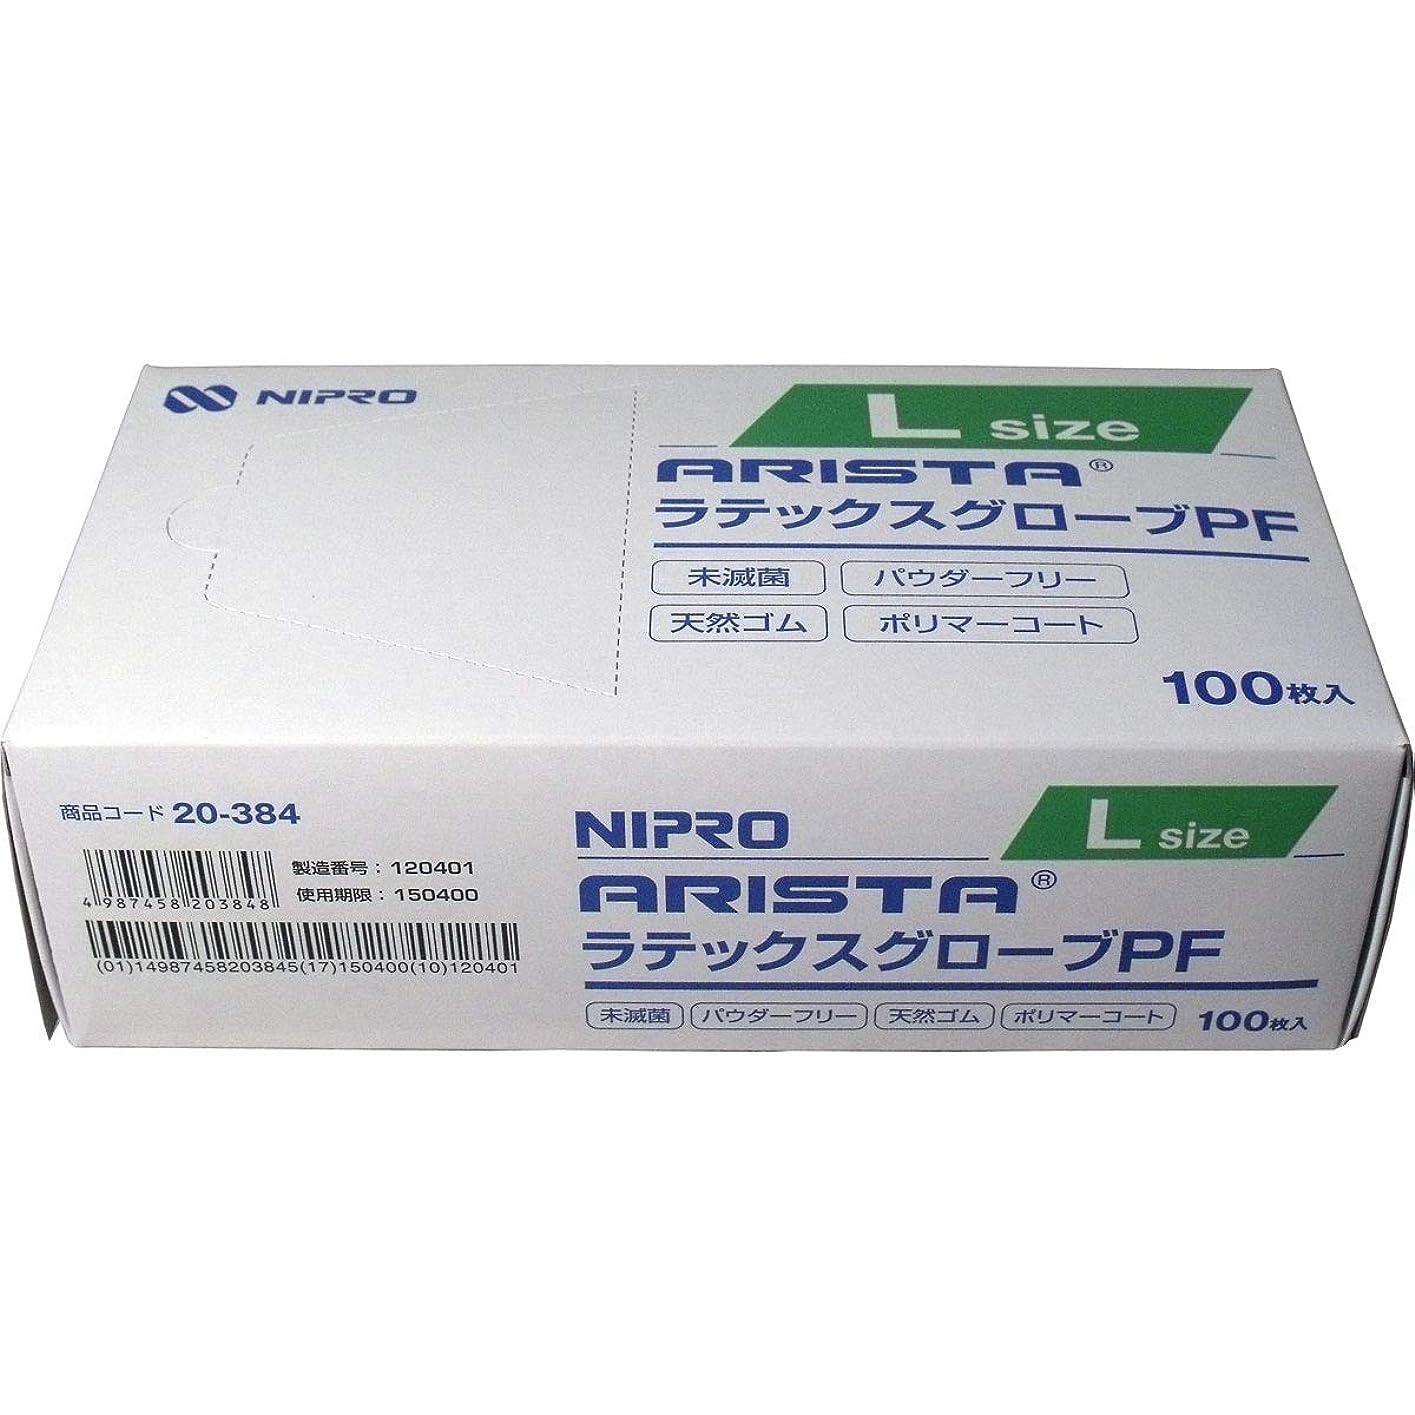 要求する手当湿ったニプロ ラテックスグローブ(天然ゴム手袋) パウダーフリー Lサイズ 100枚入×5個セット